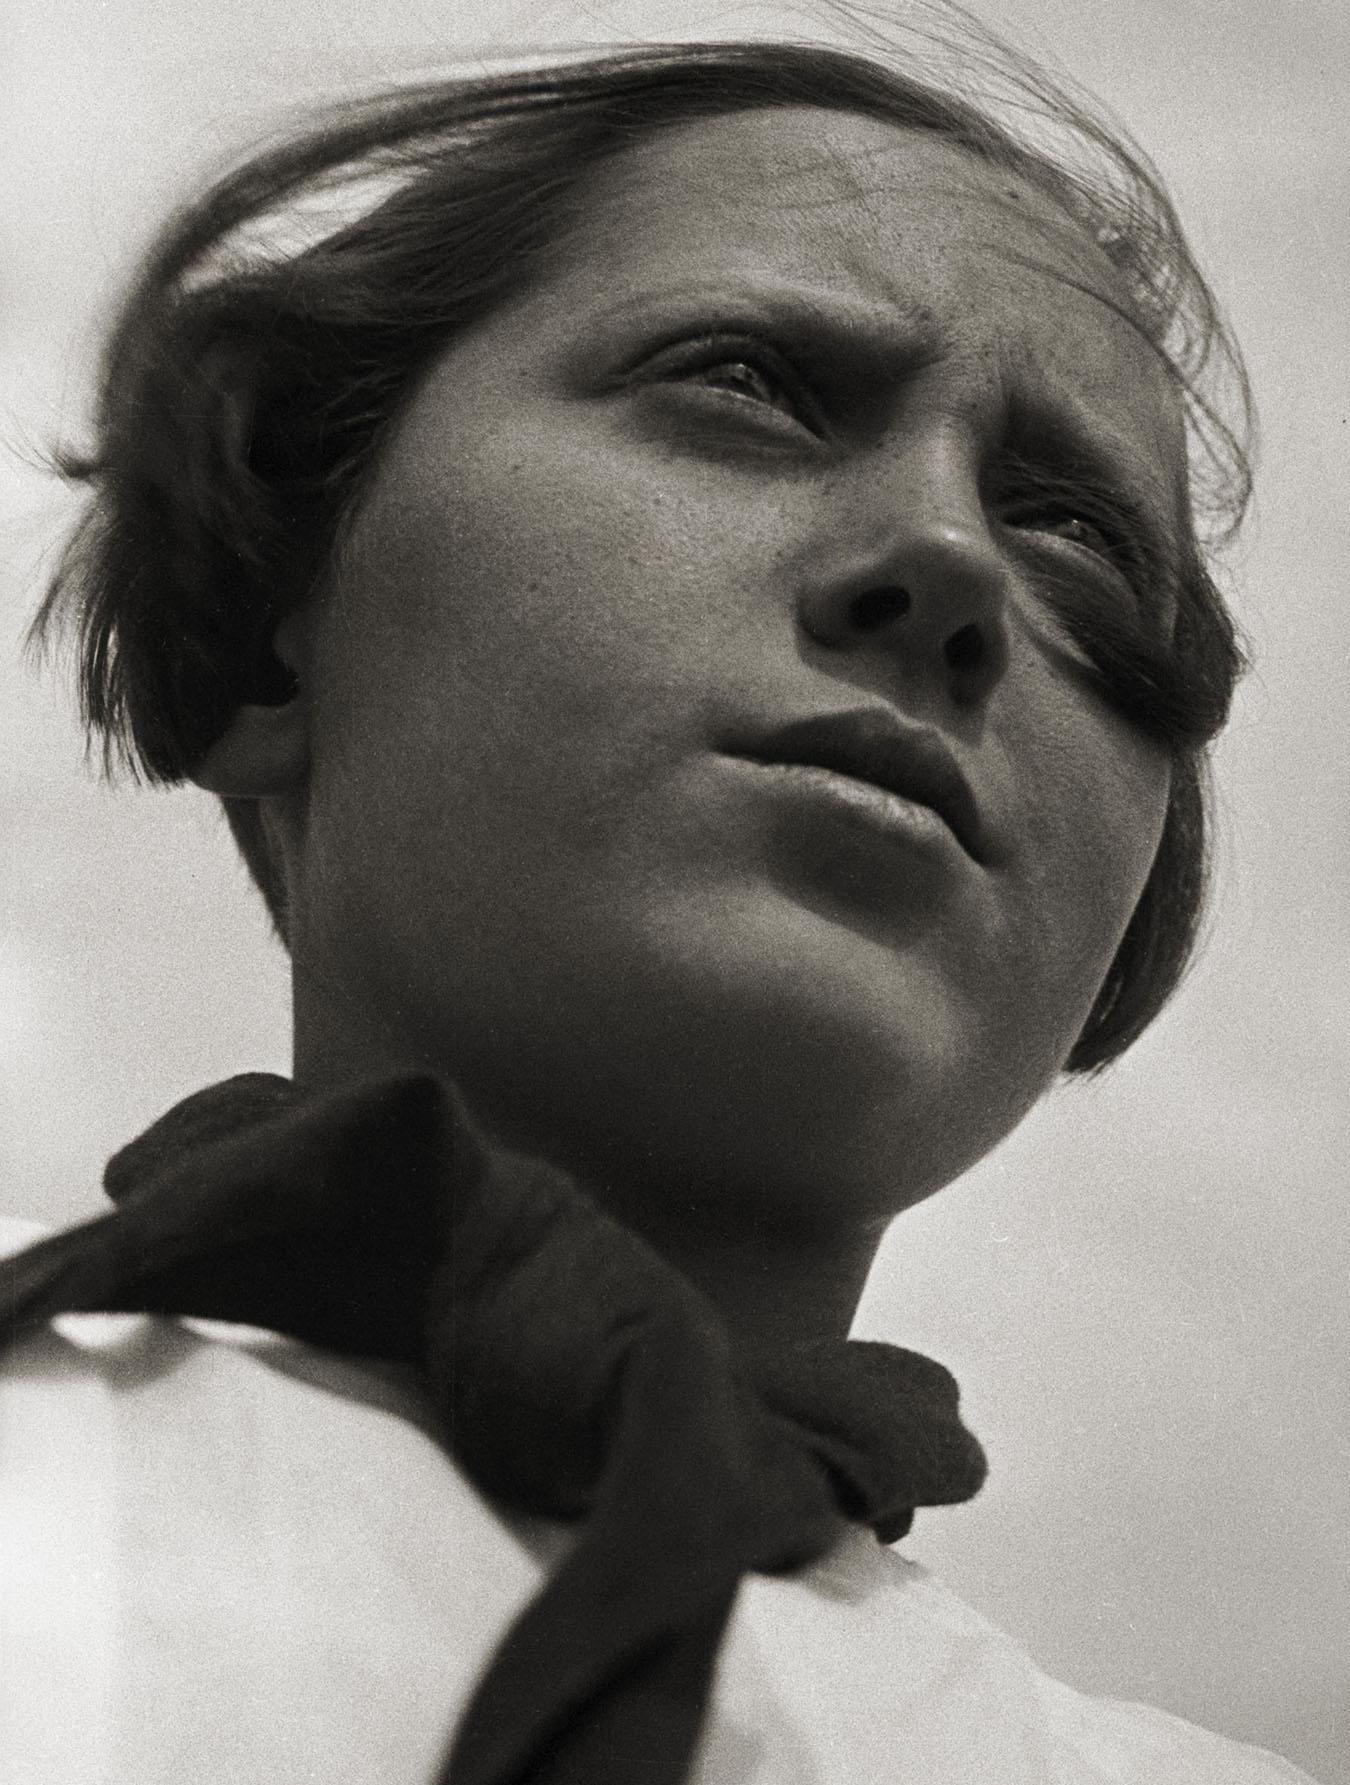 Aleksandr Rodčenko, Ragazza pioniera, 1930